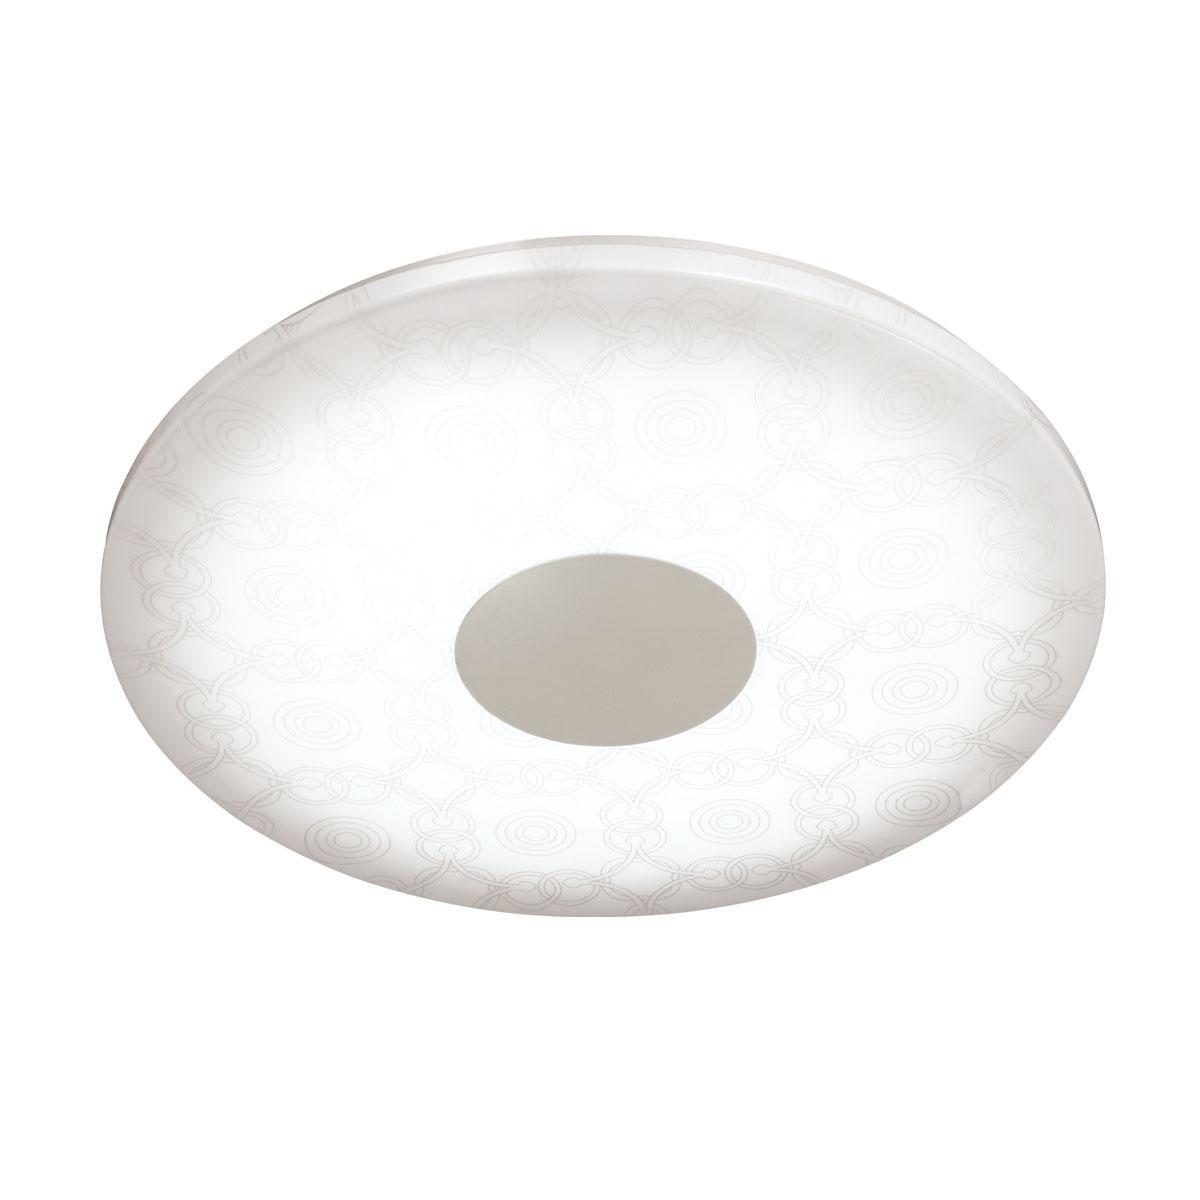 Настенно-потолочный светодиодный светильник Sonex Lesora 2030/B стоимость